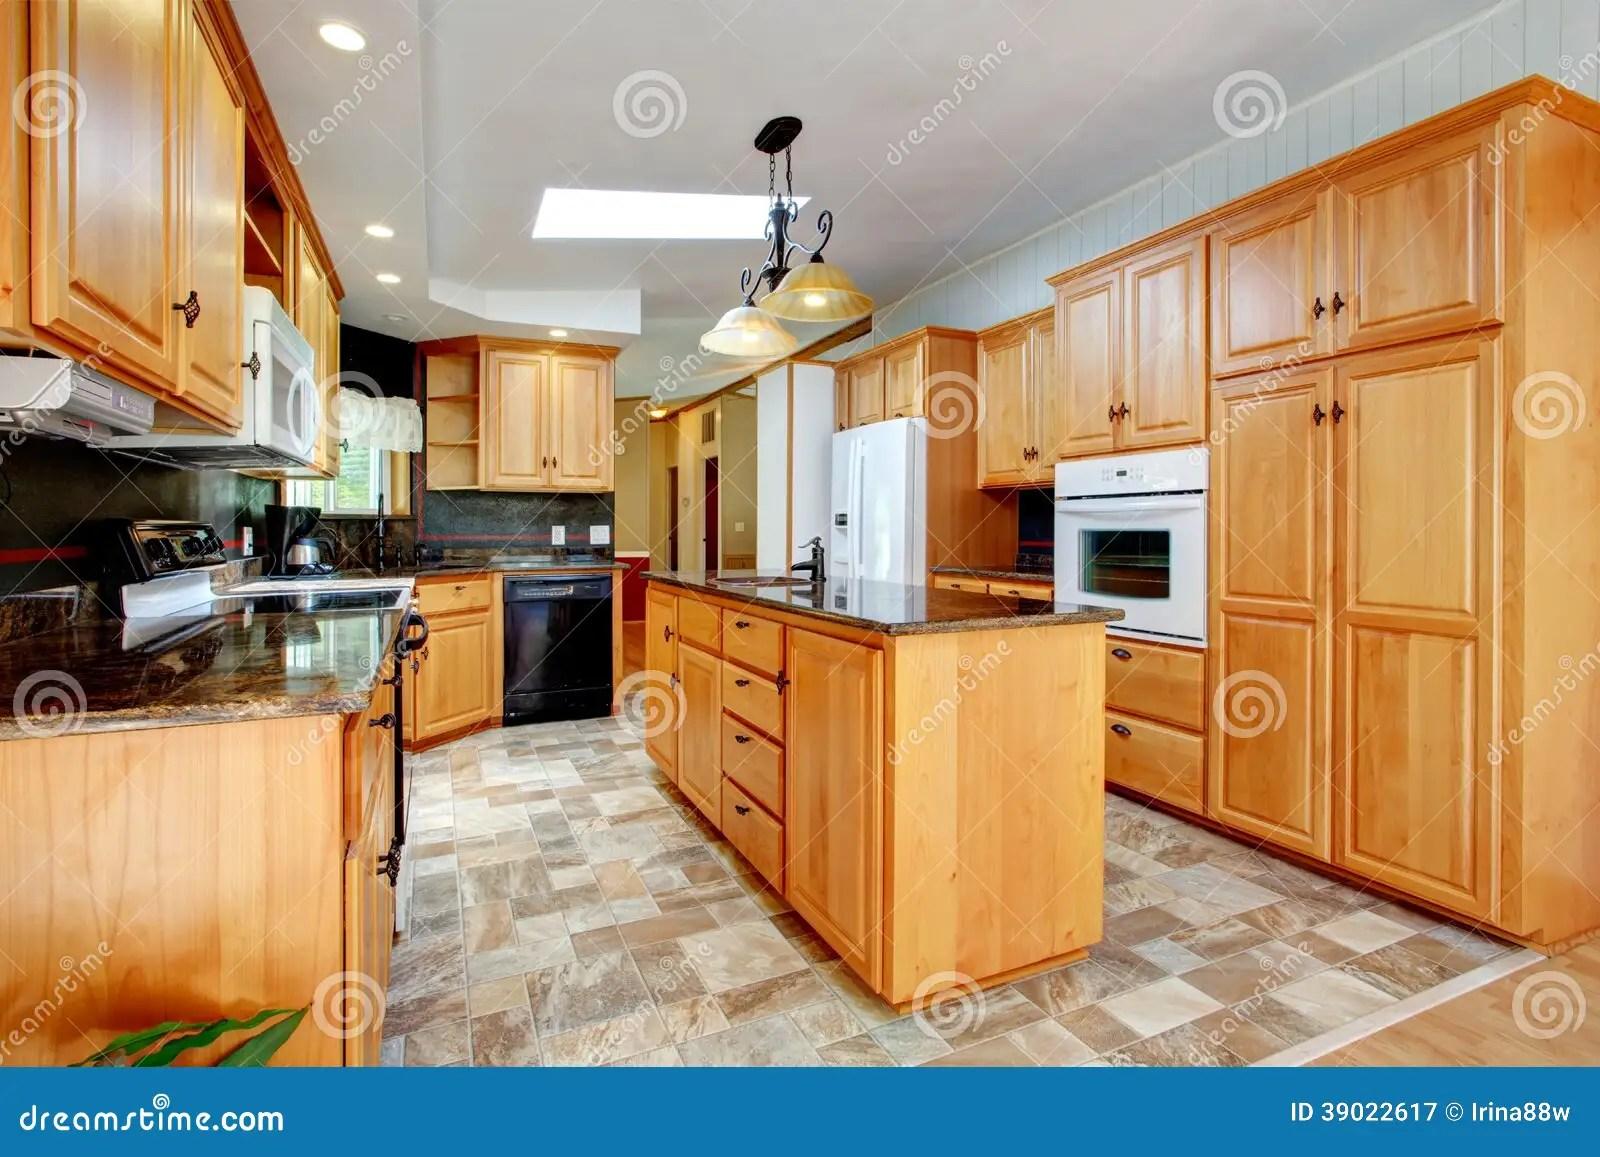 view kitchen tile floor vaulted ceiling furnished kitchen set kitchen sets furniture